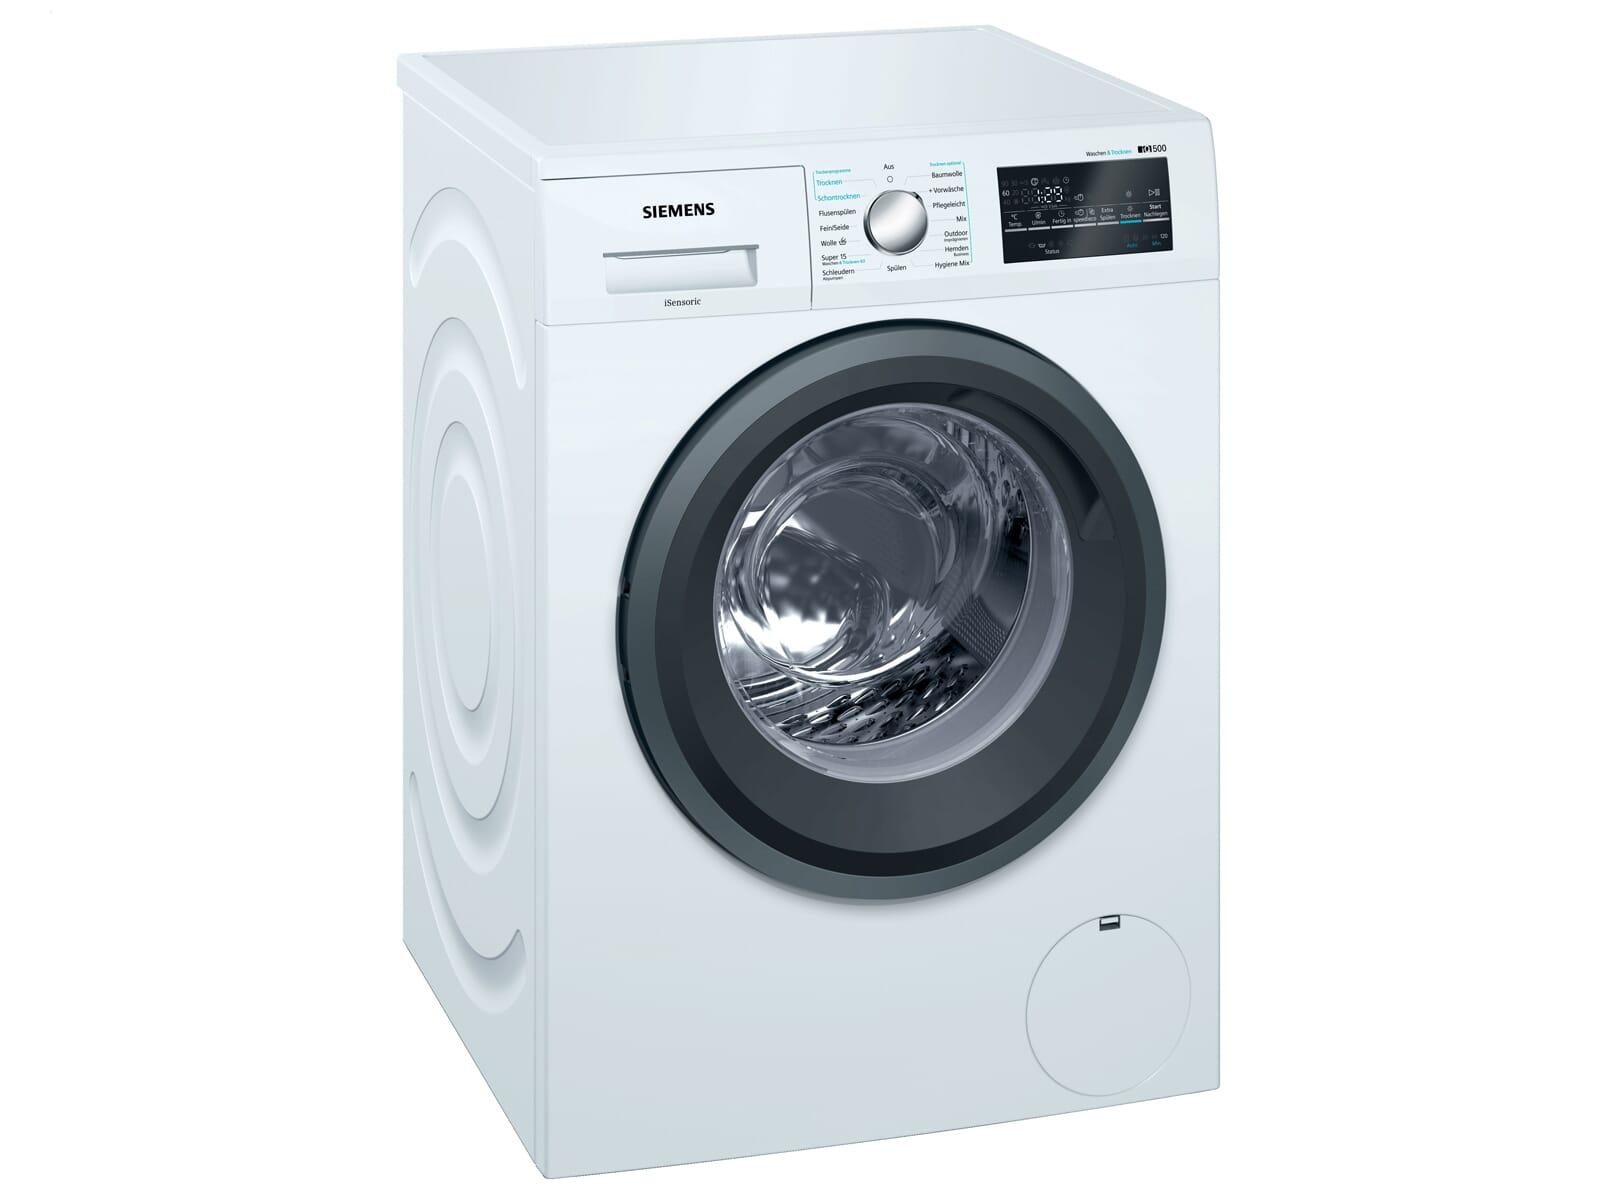 Siemens Kühlschrank Super Knopf : Siemens wd g waschtrockner weiß